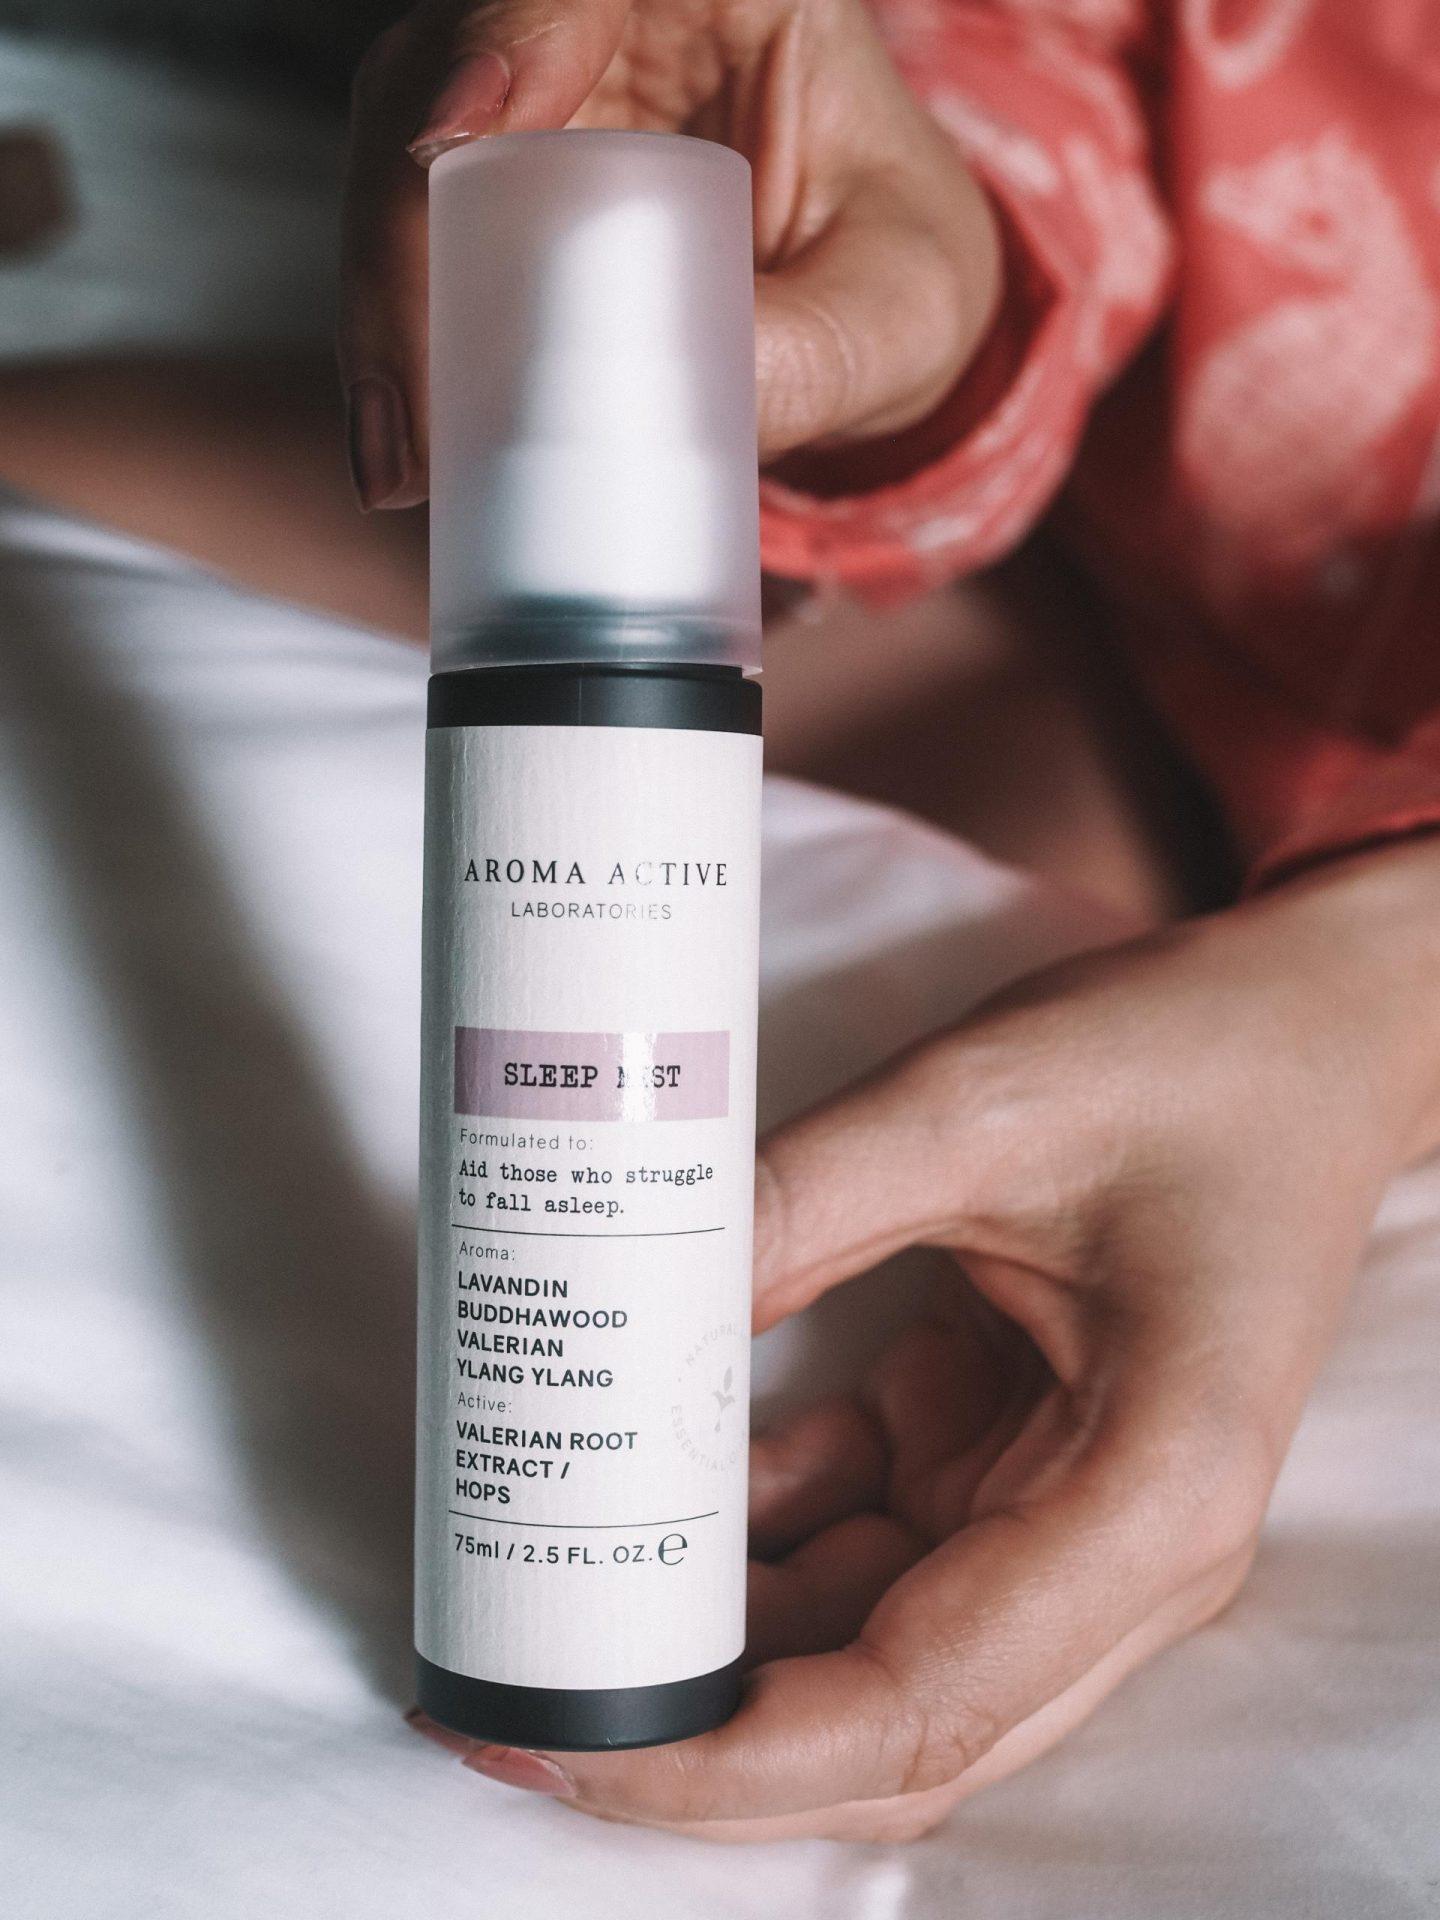 Aroma Active Laboratories Sleep Mist